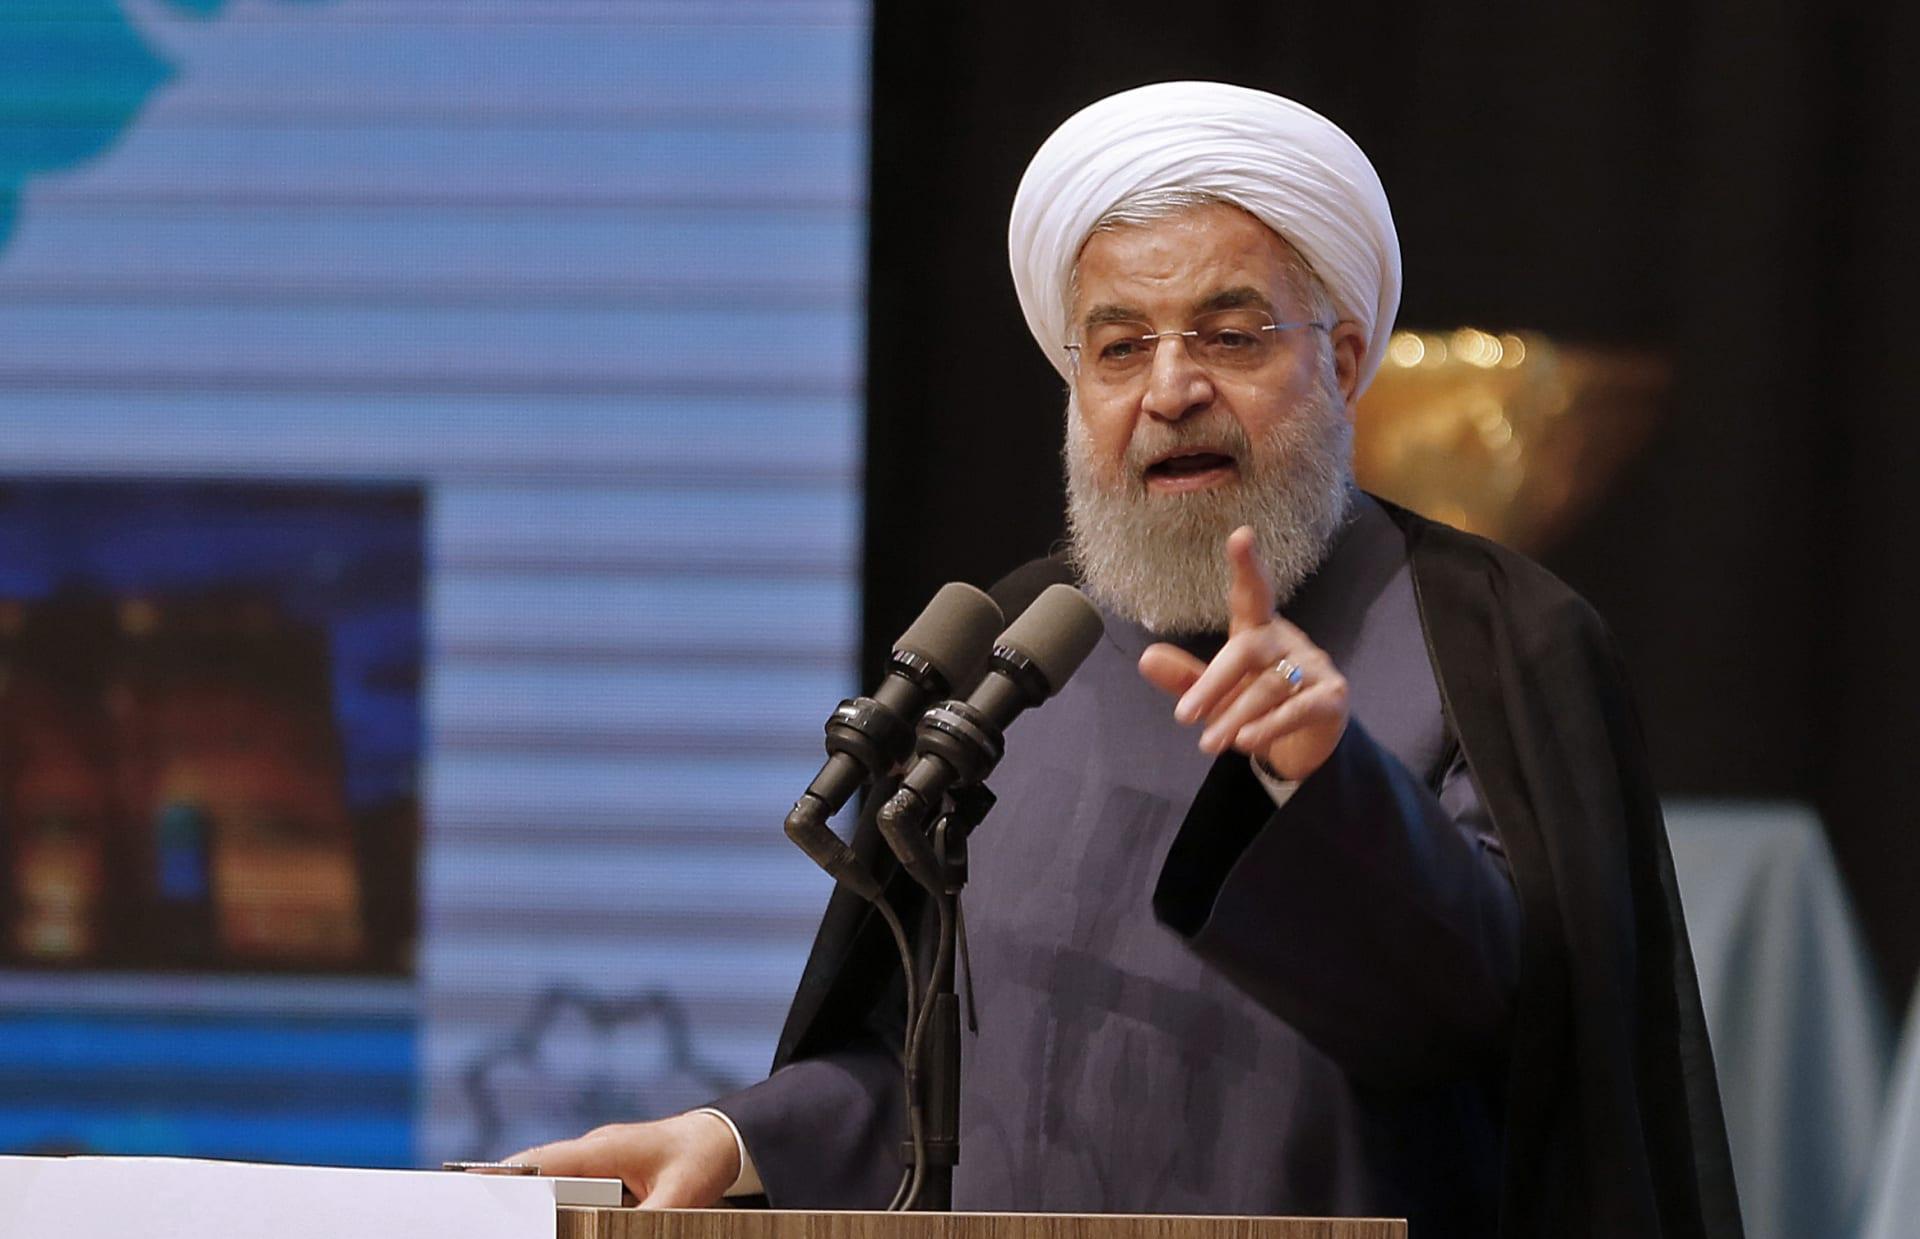 روحاني يرد على قرار ترامب بانسحاب أمريكا من الاتفاق النووي